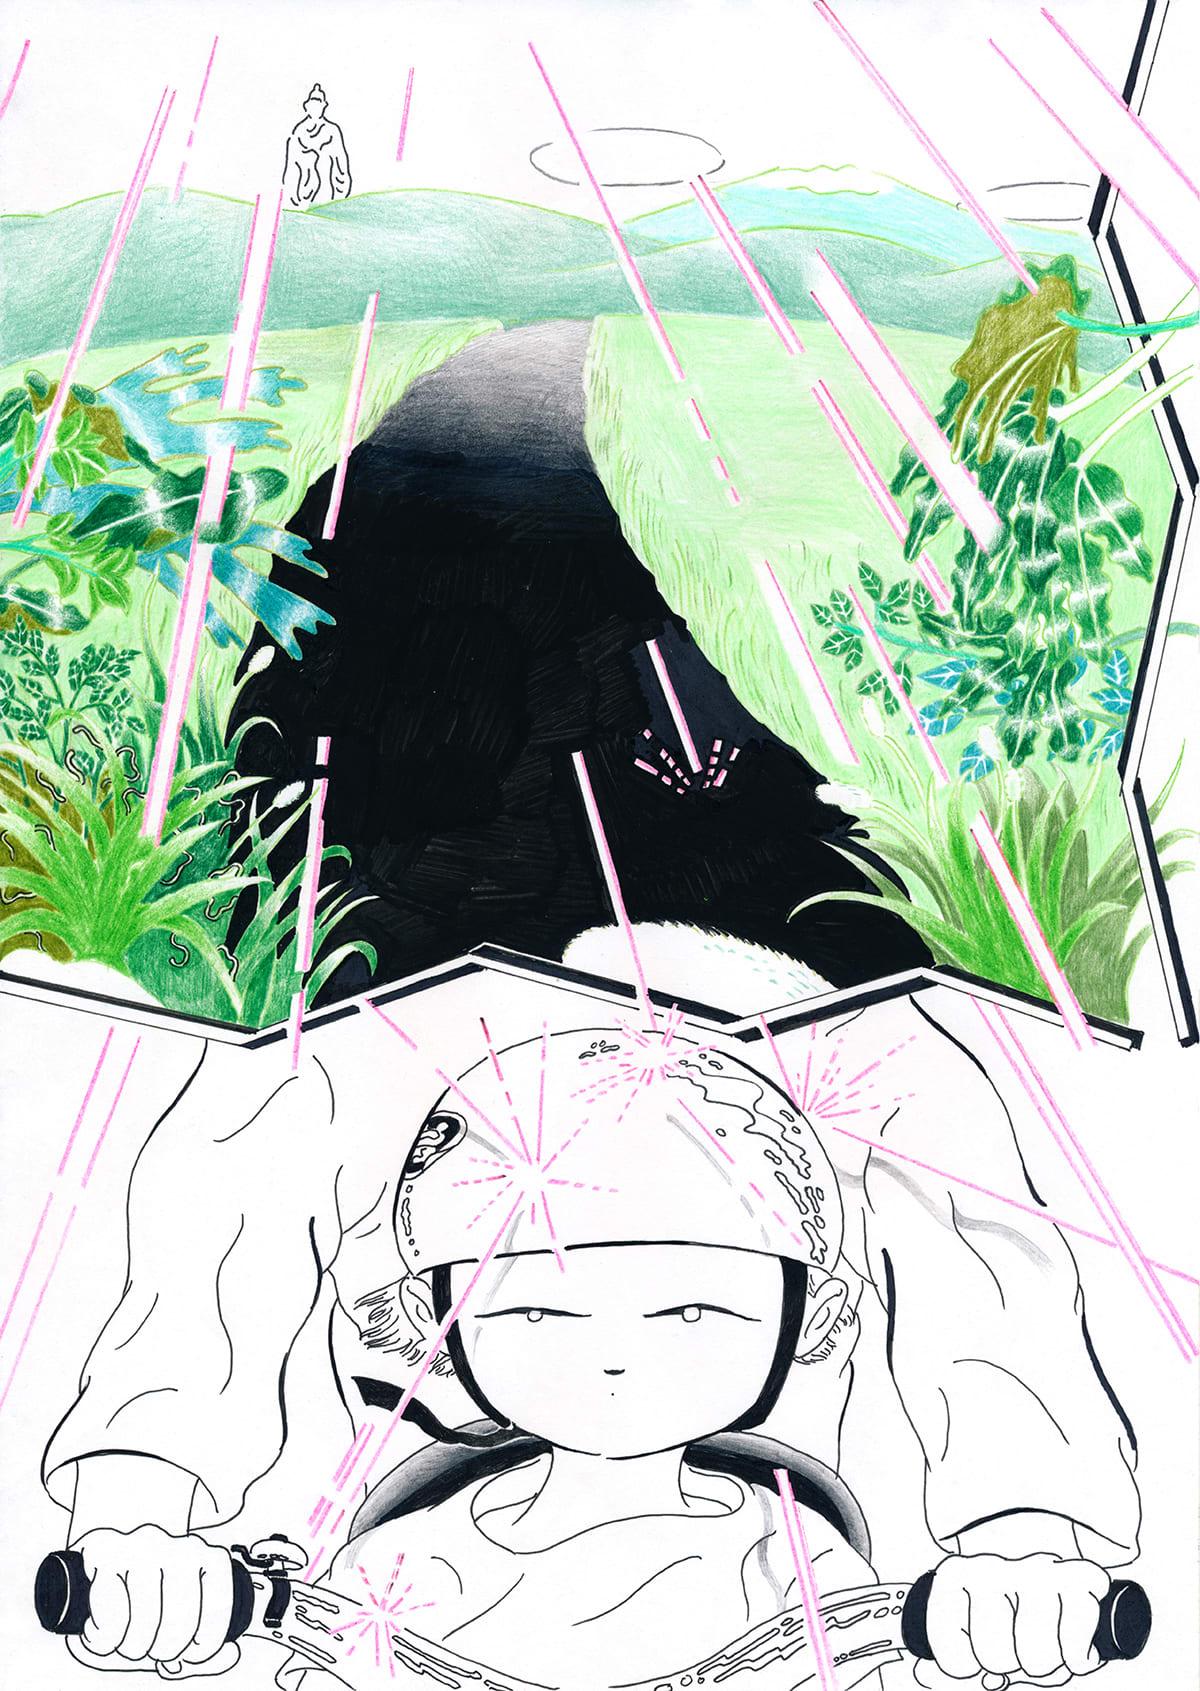 最後の手段によるマンガ作品『えんちゃんち』の連載がマンバでスタート!